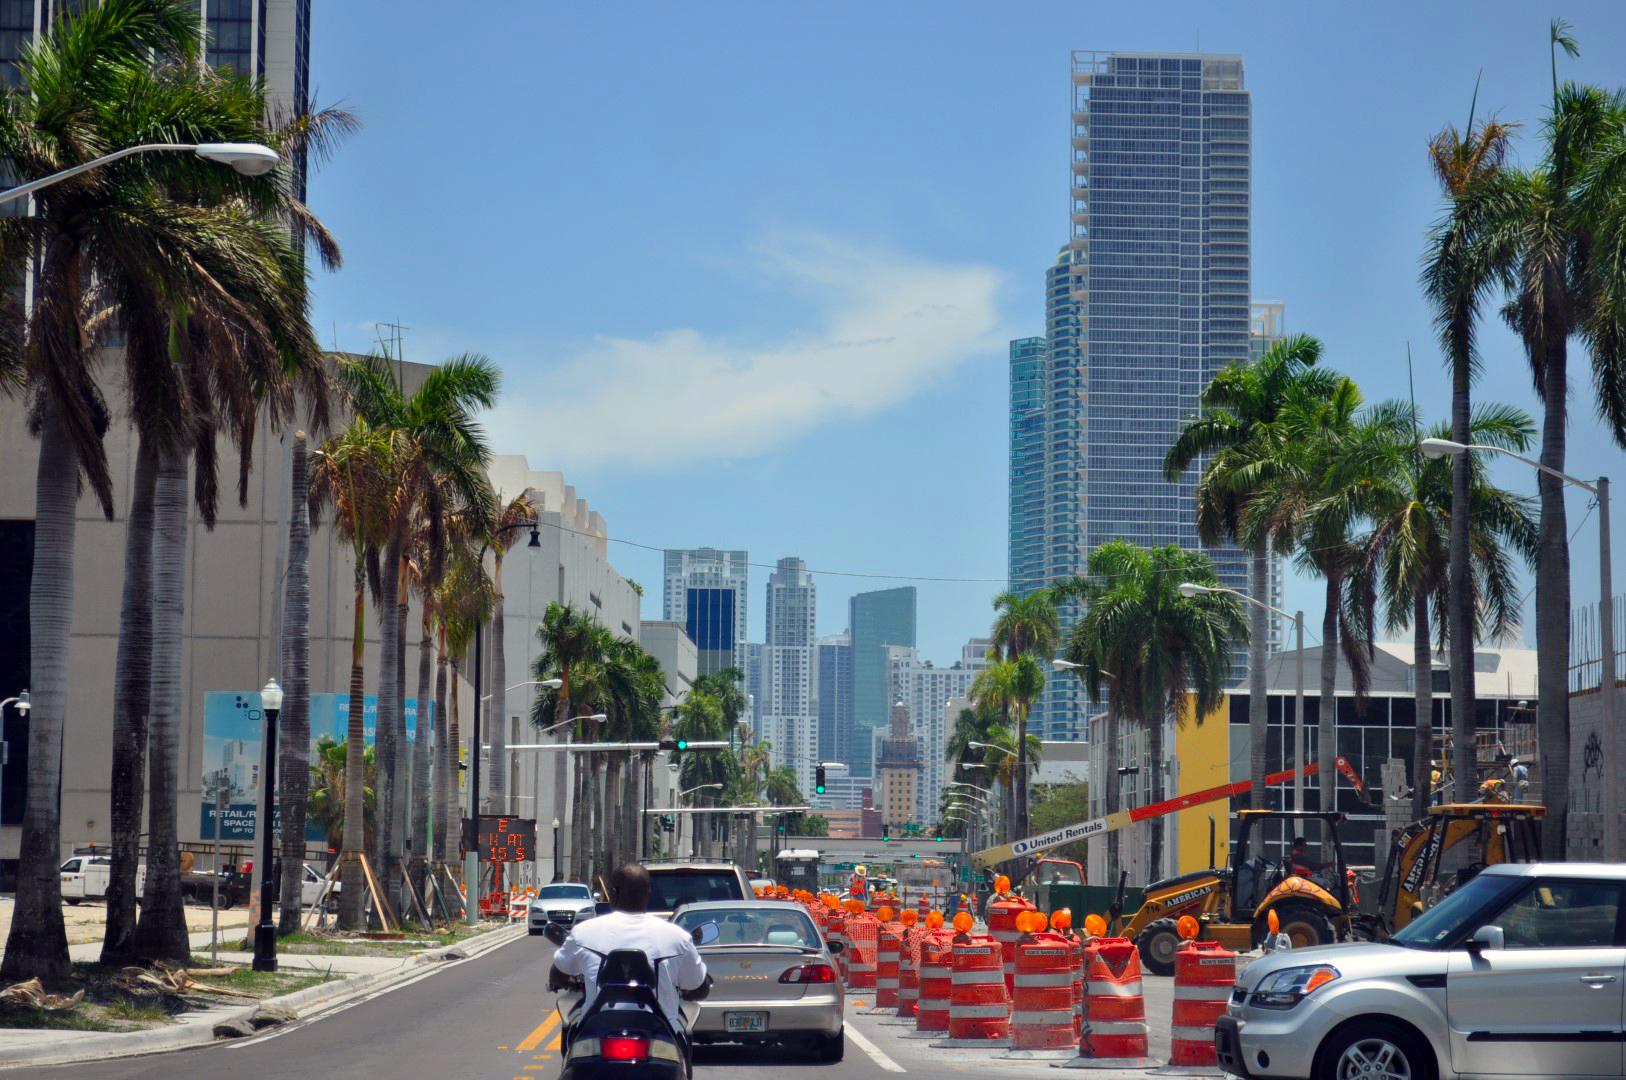 Qué hacer y ver en Miami, Florida Qué hacer y ver en Miami Qué hacer y ver en Miami 31344968836 340d1a3a72 o